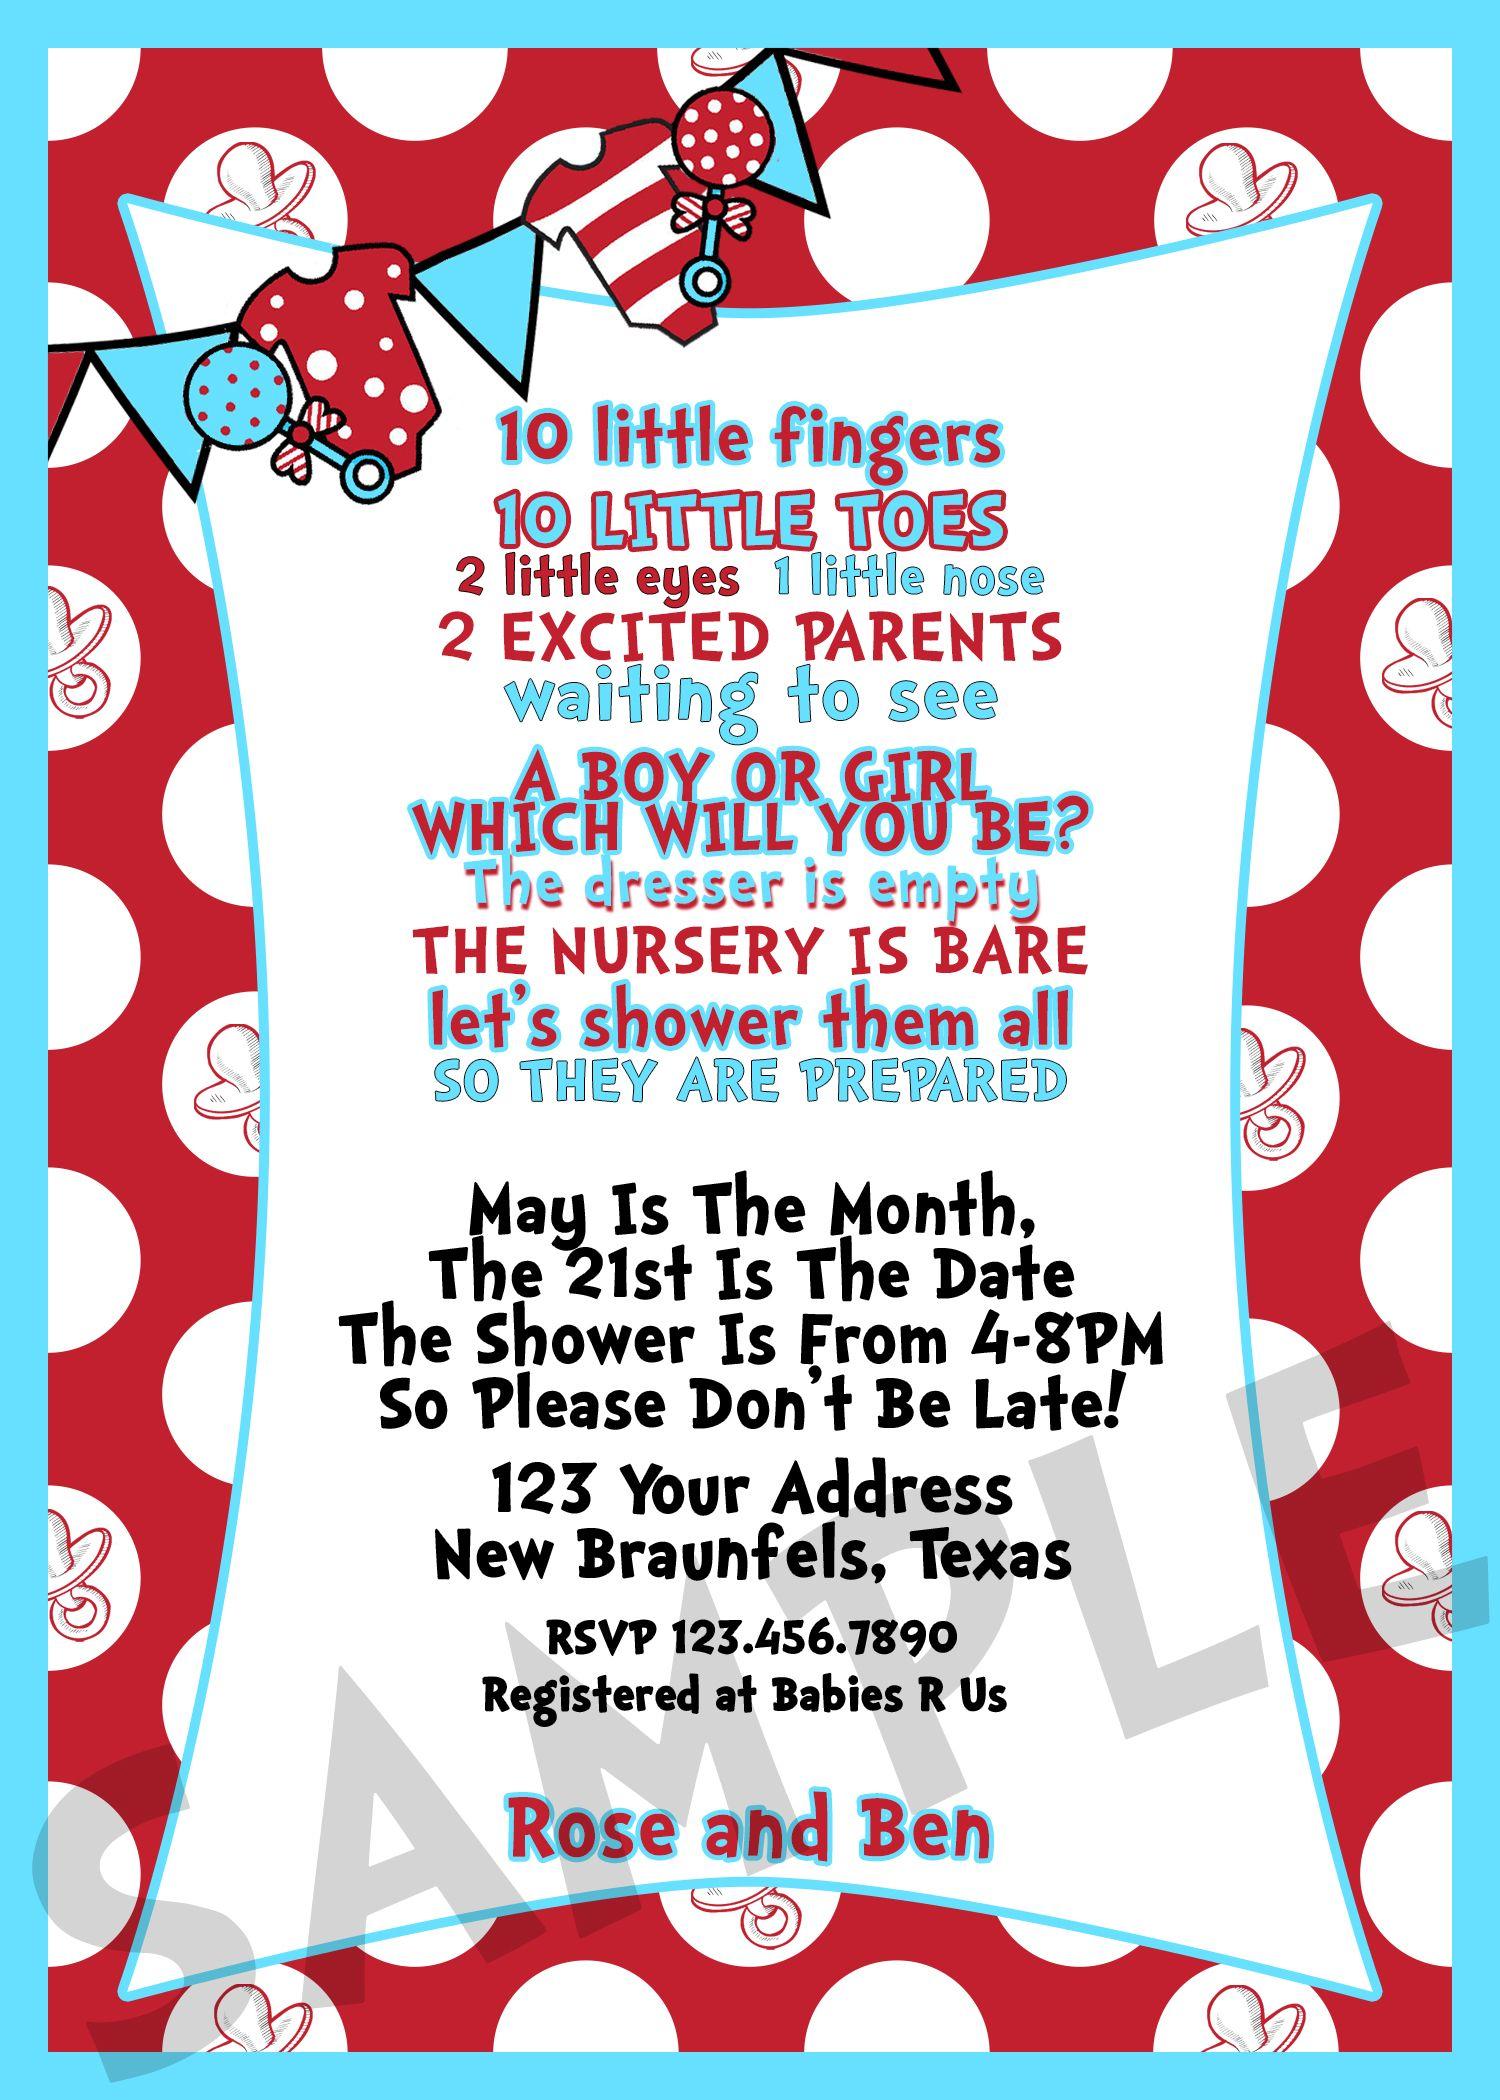 Dr Seuss Baby Shower Invitation Facebook.com/pixelsbychrystal | Dr ...